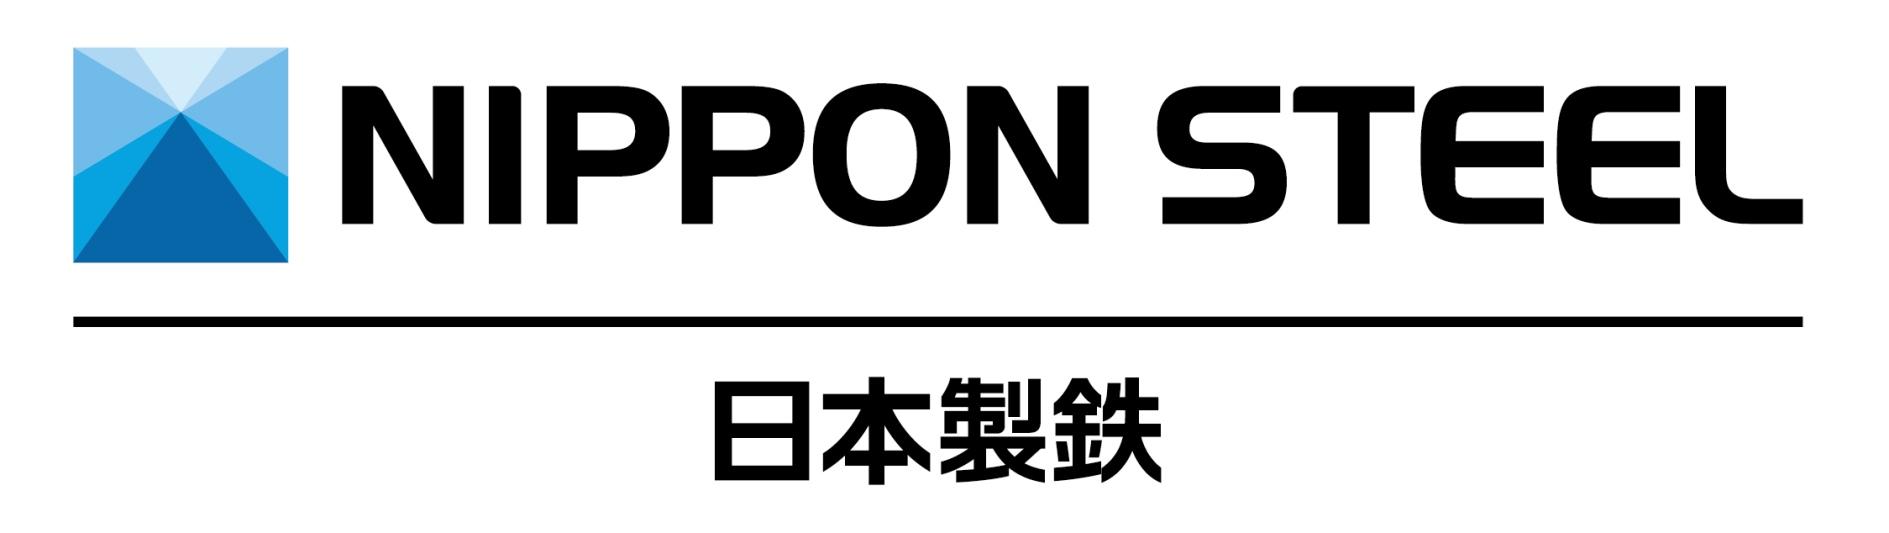 日本 製鉄 ニュース